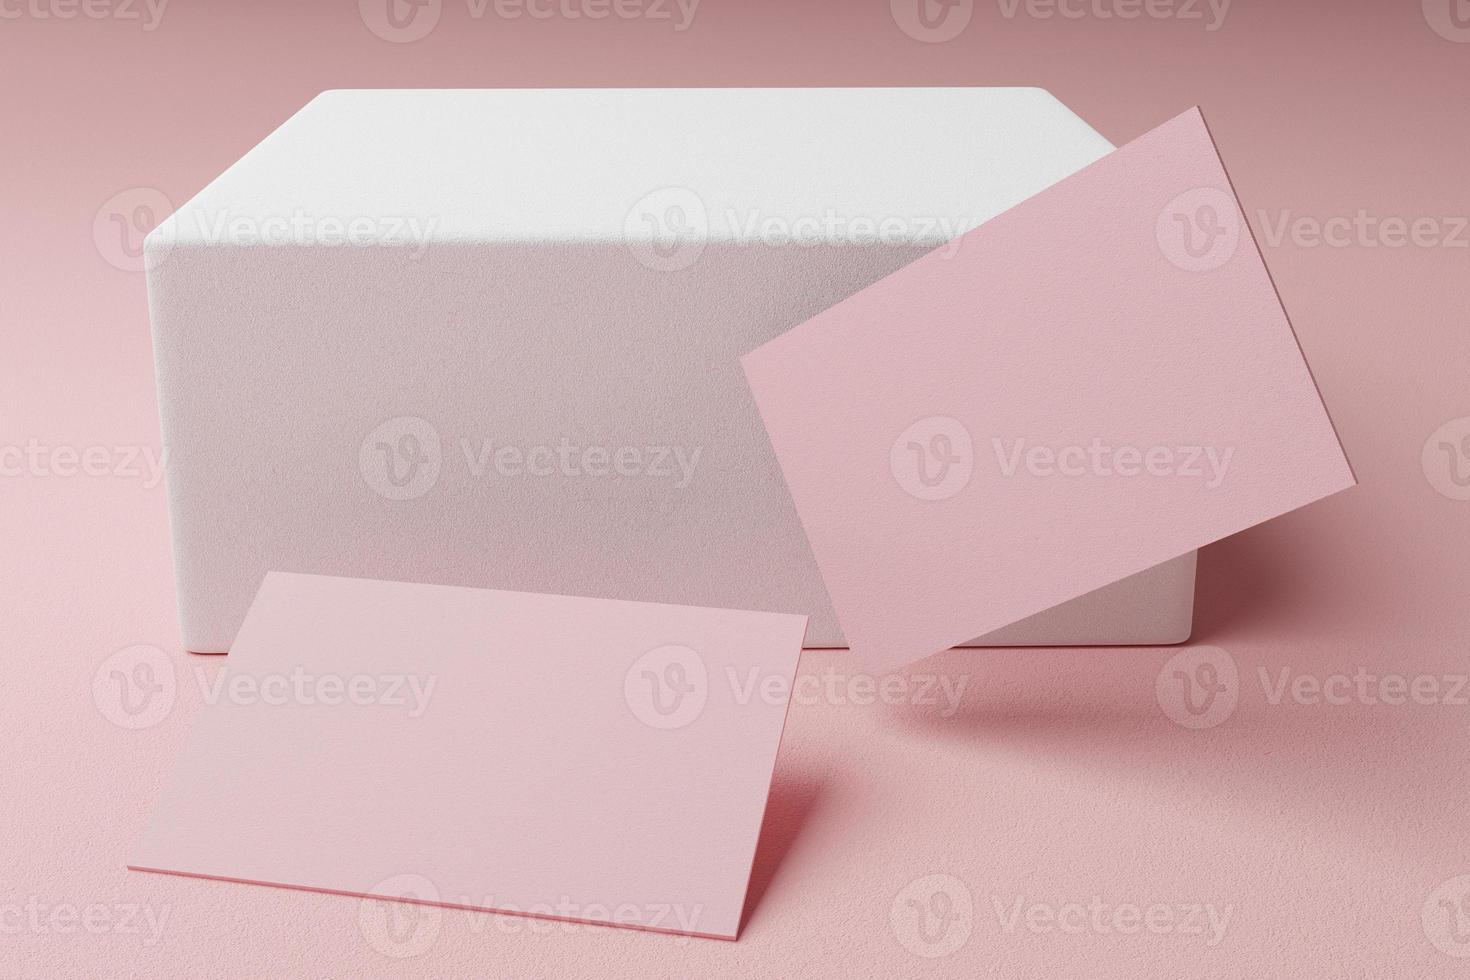 roze pastel visitekaartje papieren mockup sjabloon met lege ruimte omslag voor invoegen bedrijfslogo of persoonlijke identiteit op kartonnen achtergrond. moderne stijl briefpapier concept. 3d illustratie render foto